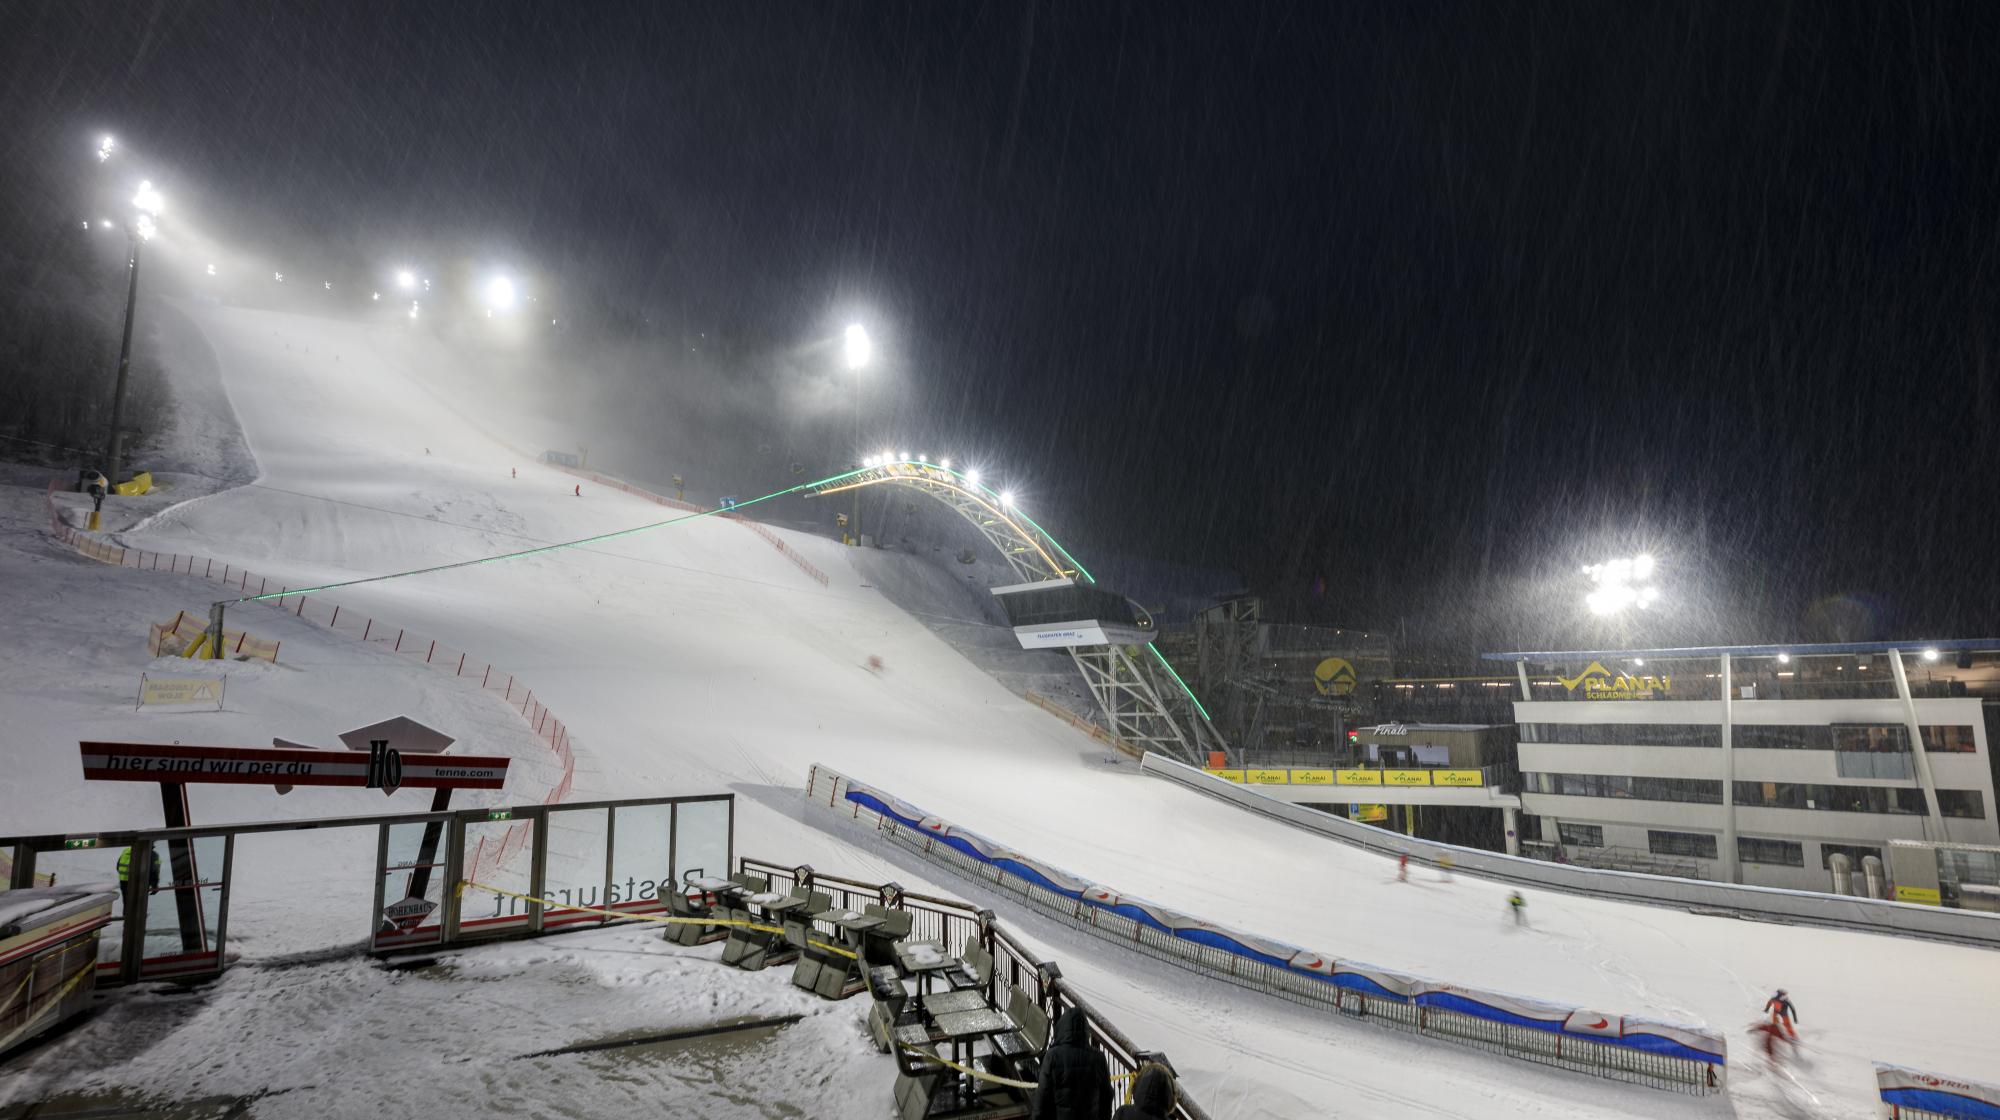 Strecke beim Ski-Weltcup Schladming